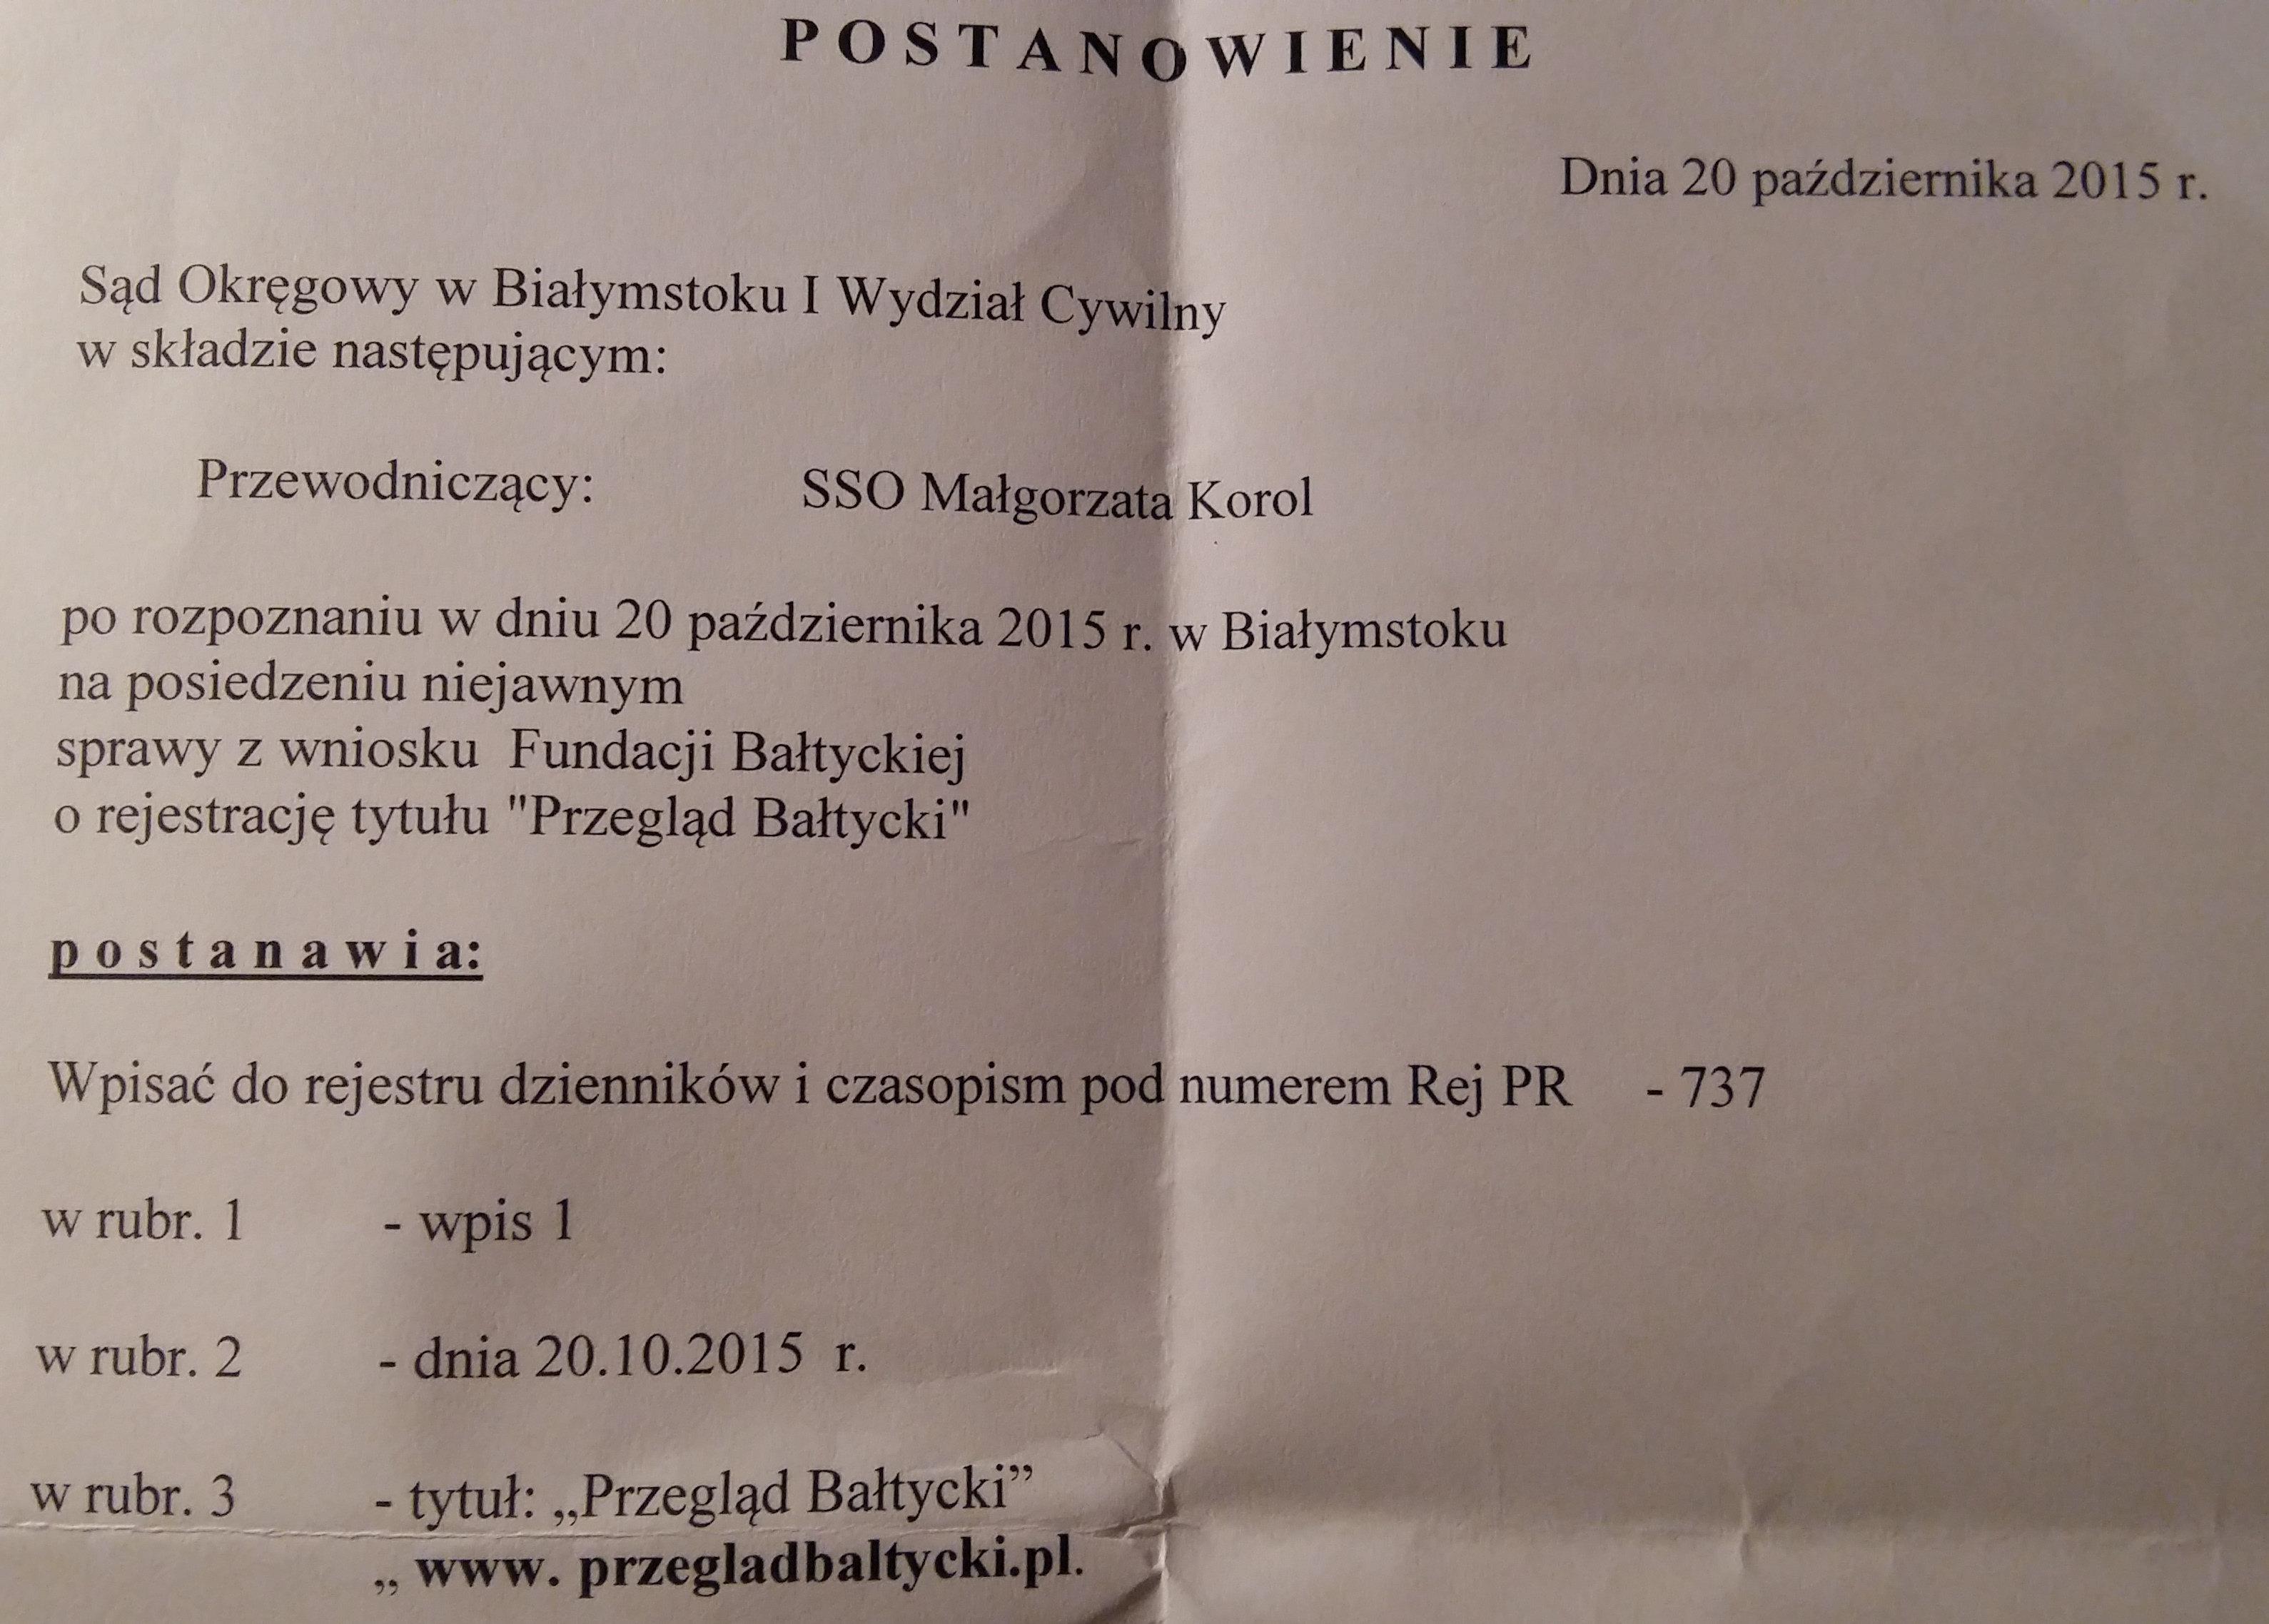 Przegląd Bałtycki tytułem prasowym